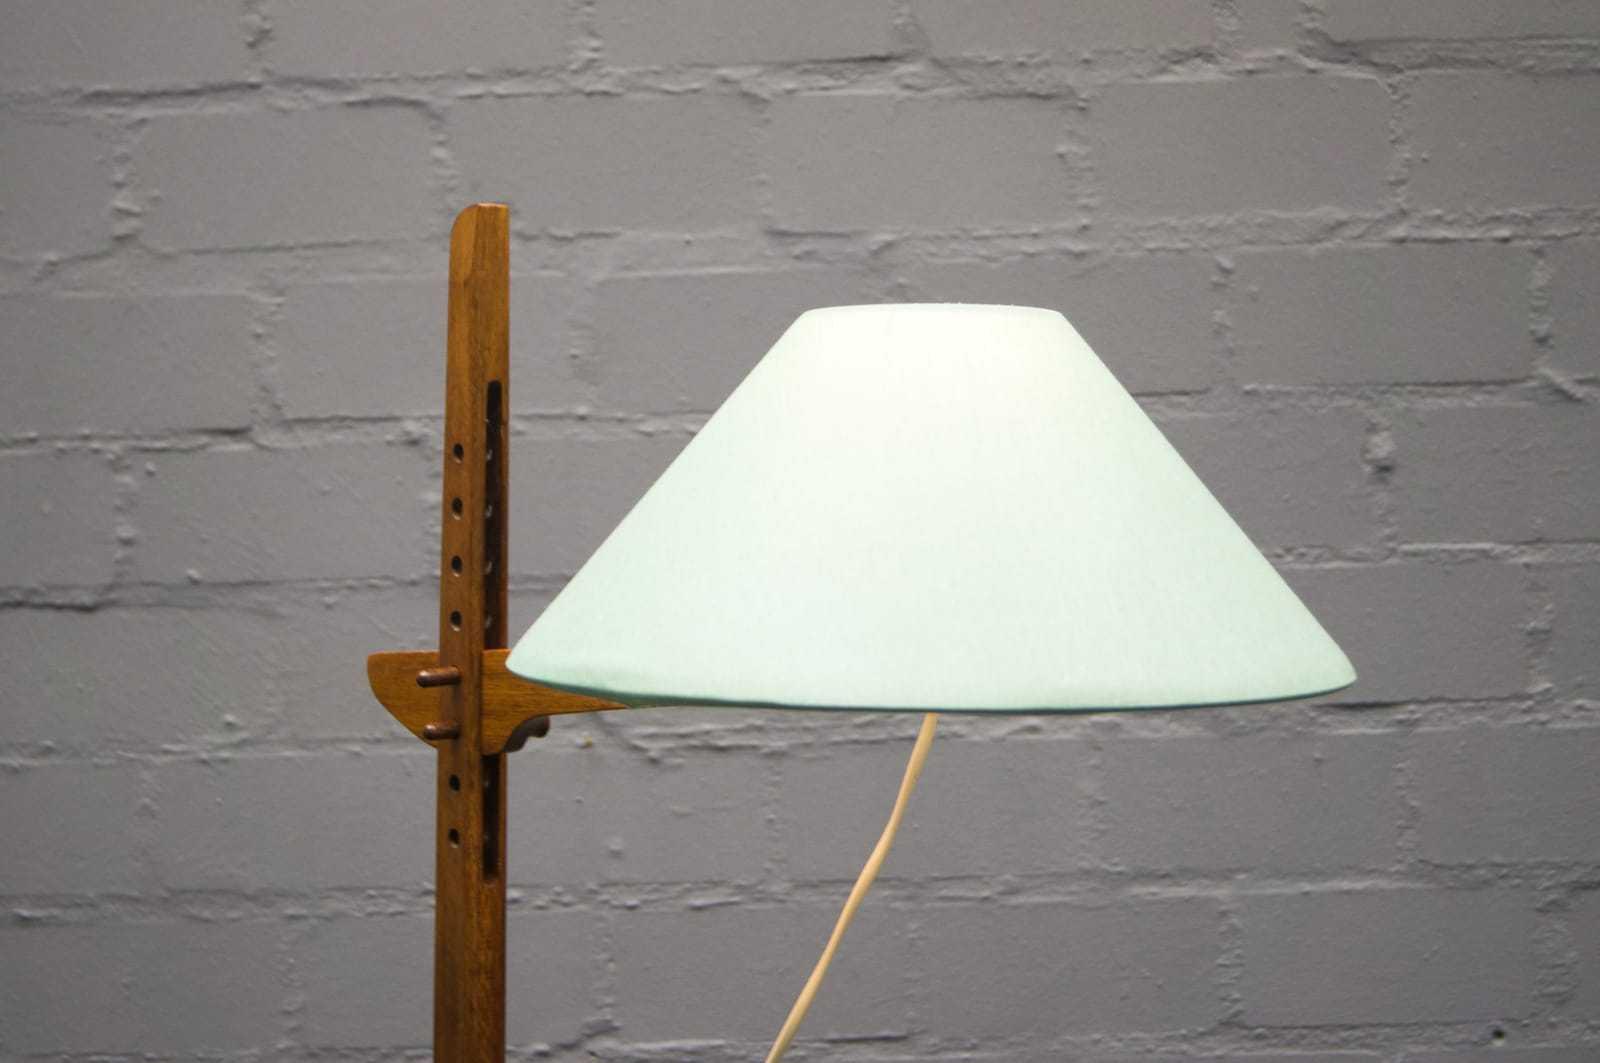 teak tripod lampe stehlampe floor lamp skandinavisch 60er 70er. Black Bedroom Furniture Sets. Home Design Ideas